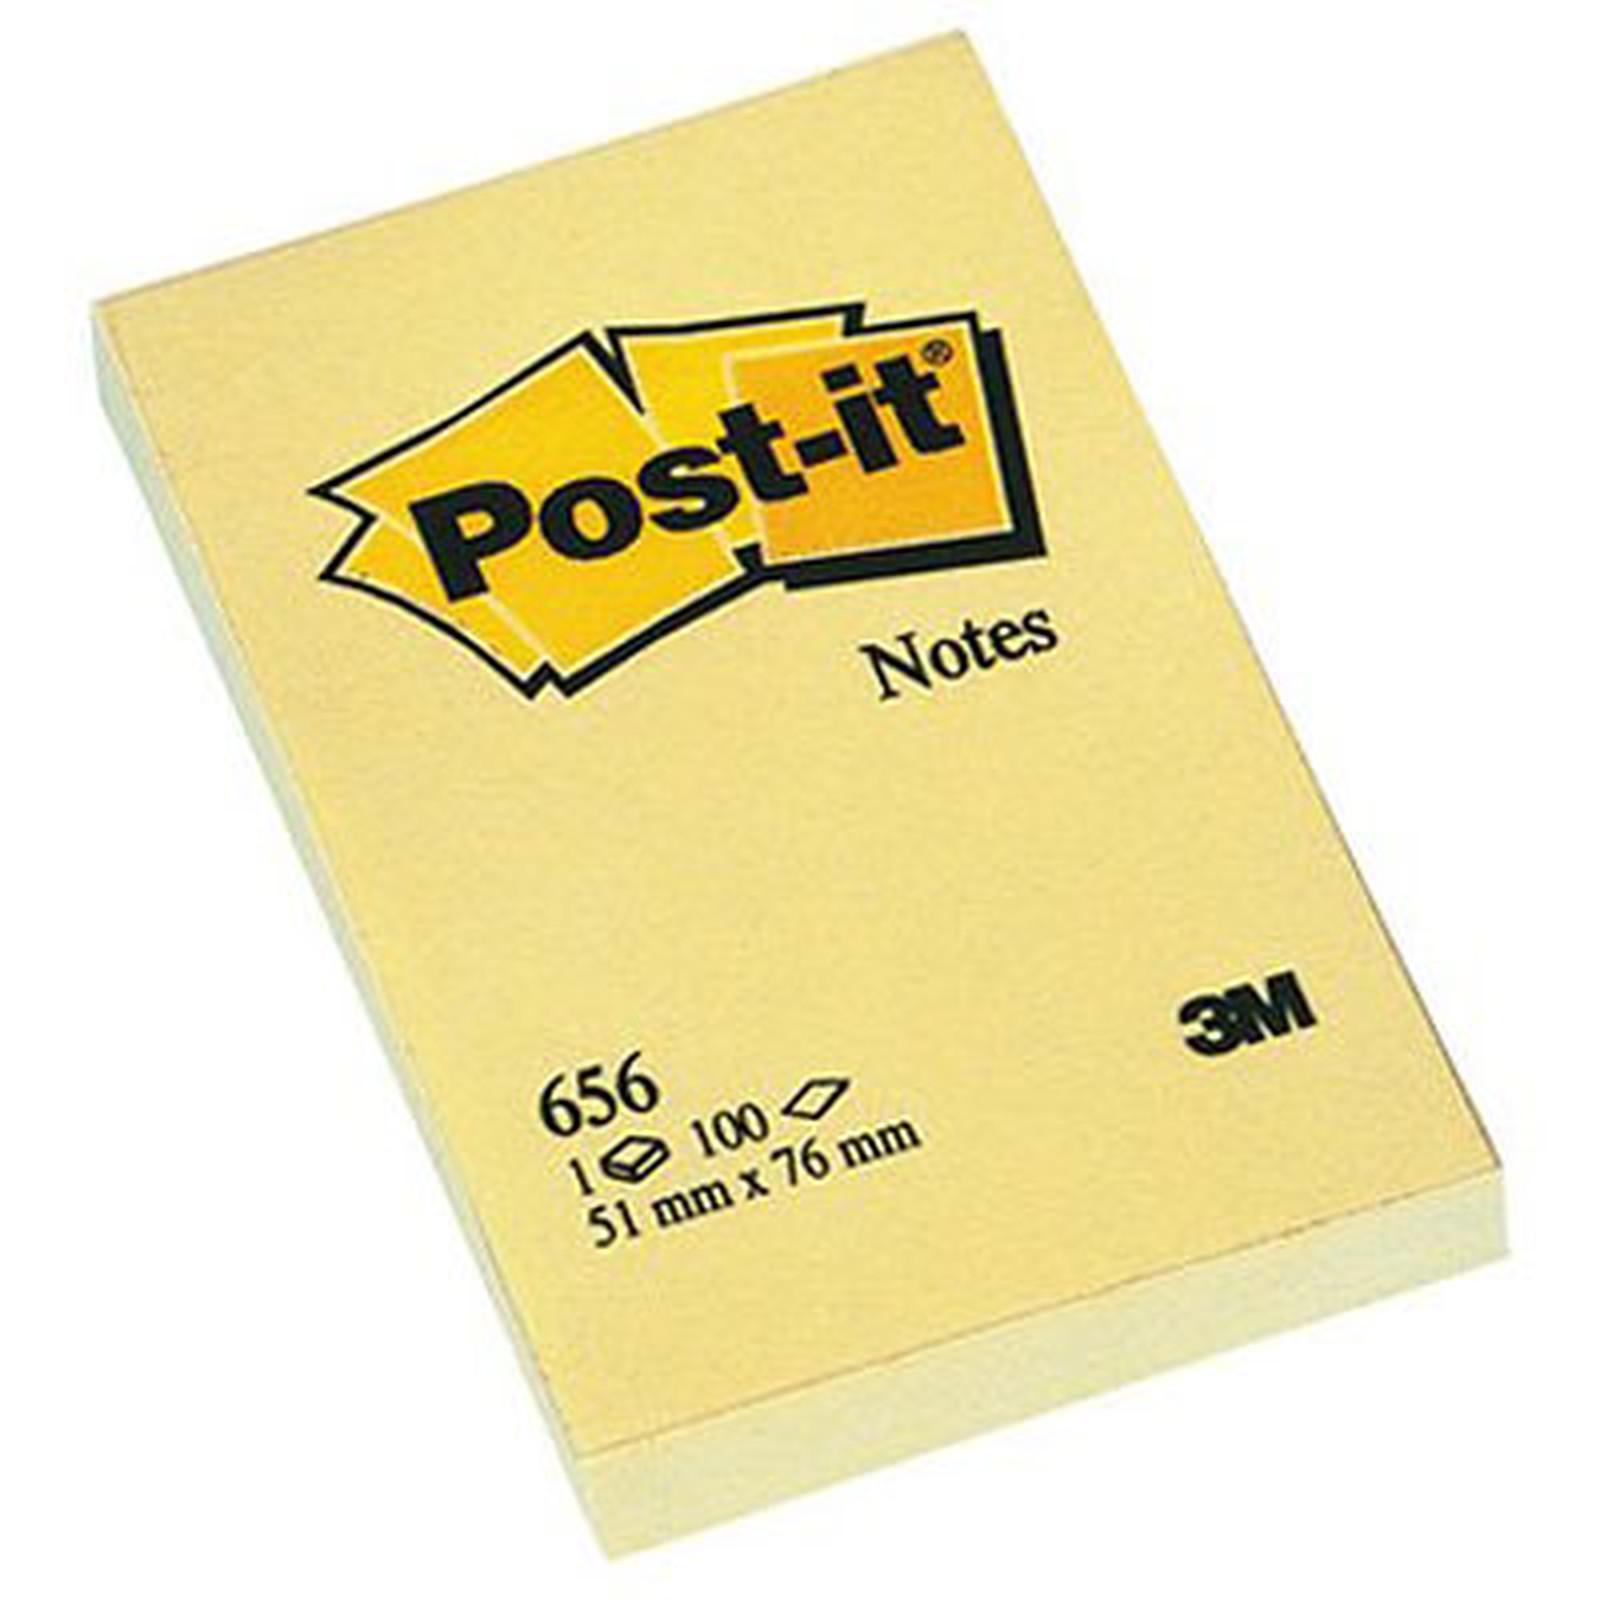 Post-it Bloc 100 feuillets 51 x 76 mm Jaune